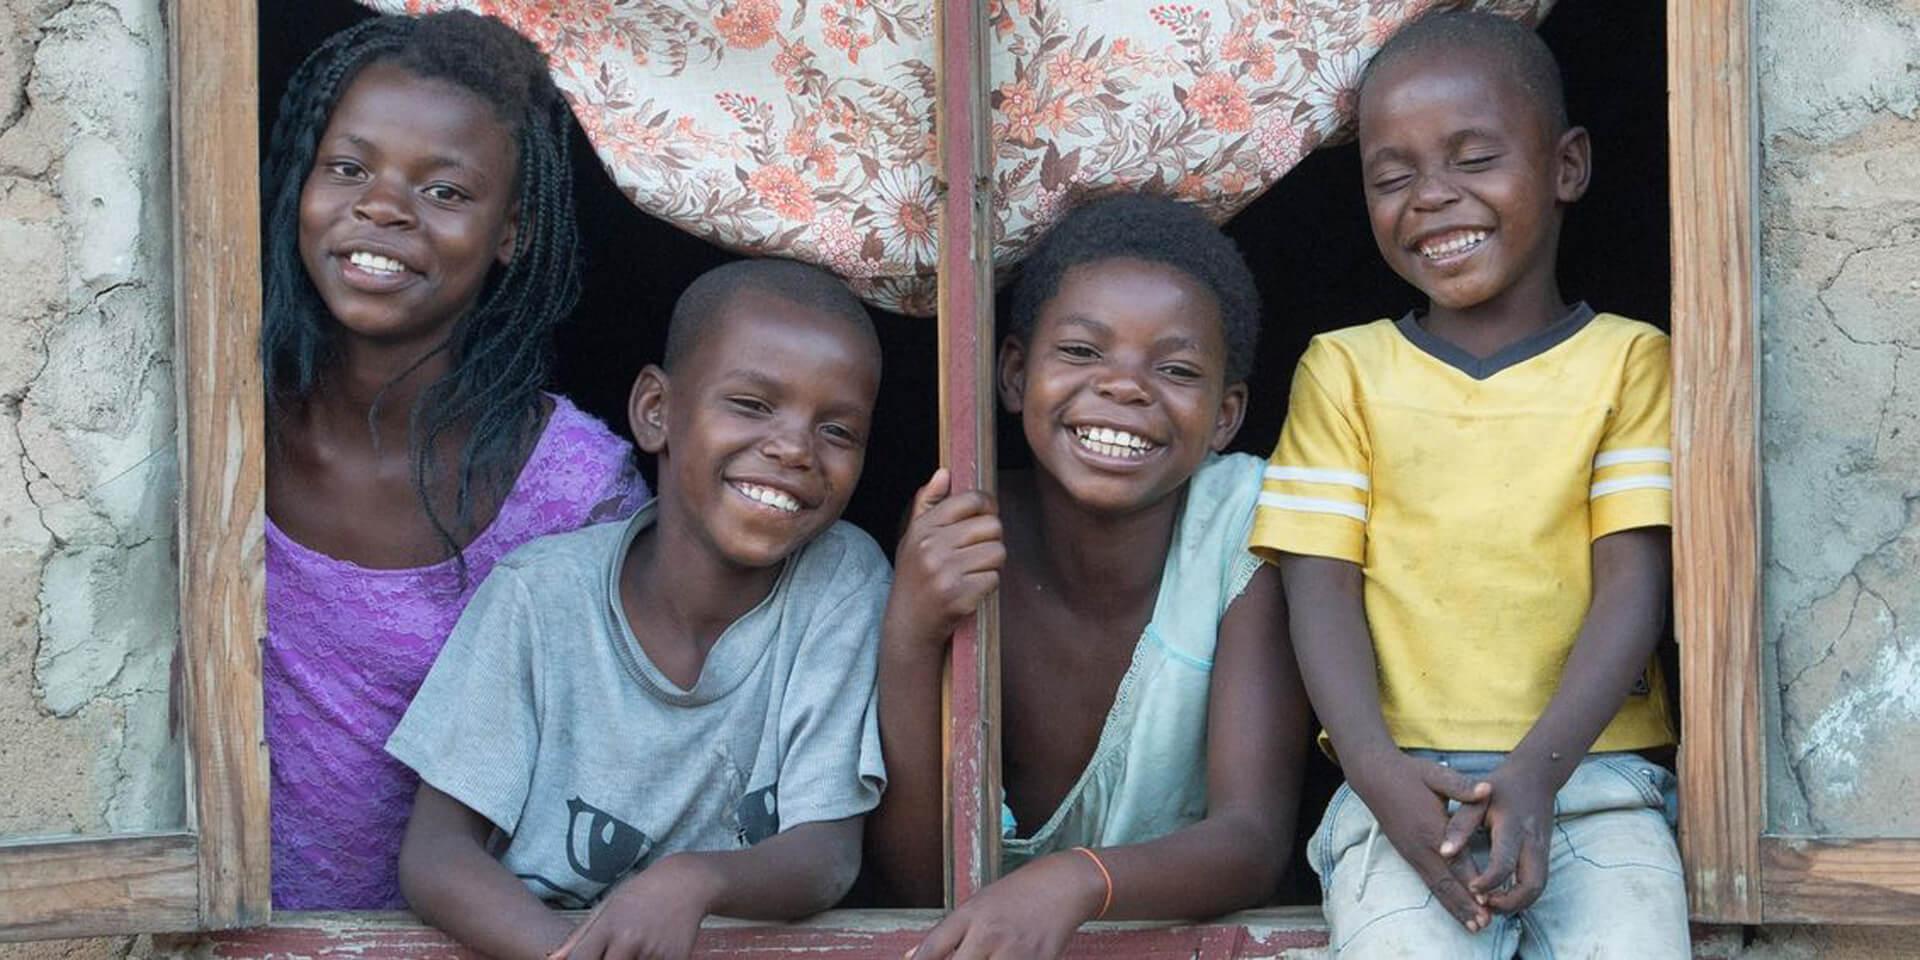 Kinder in Mosambik